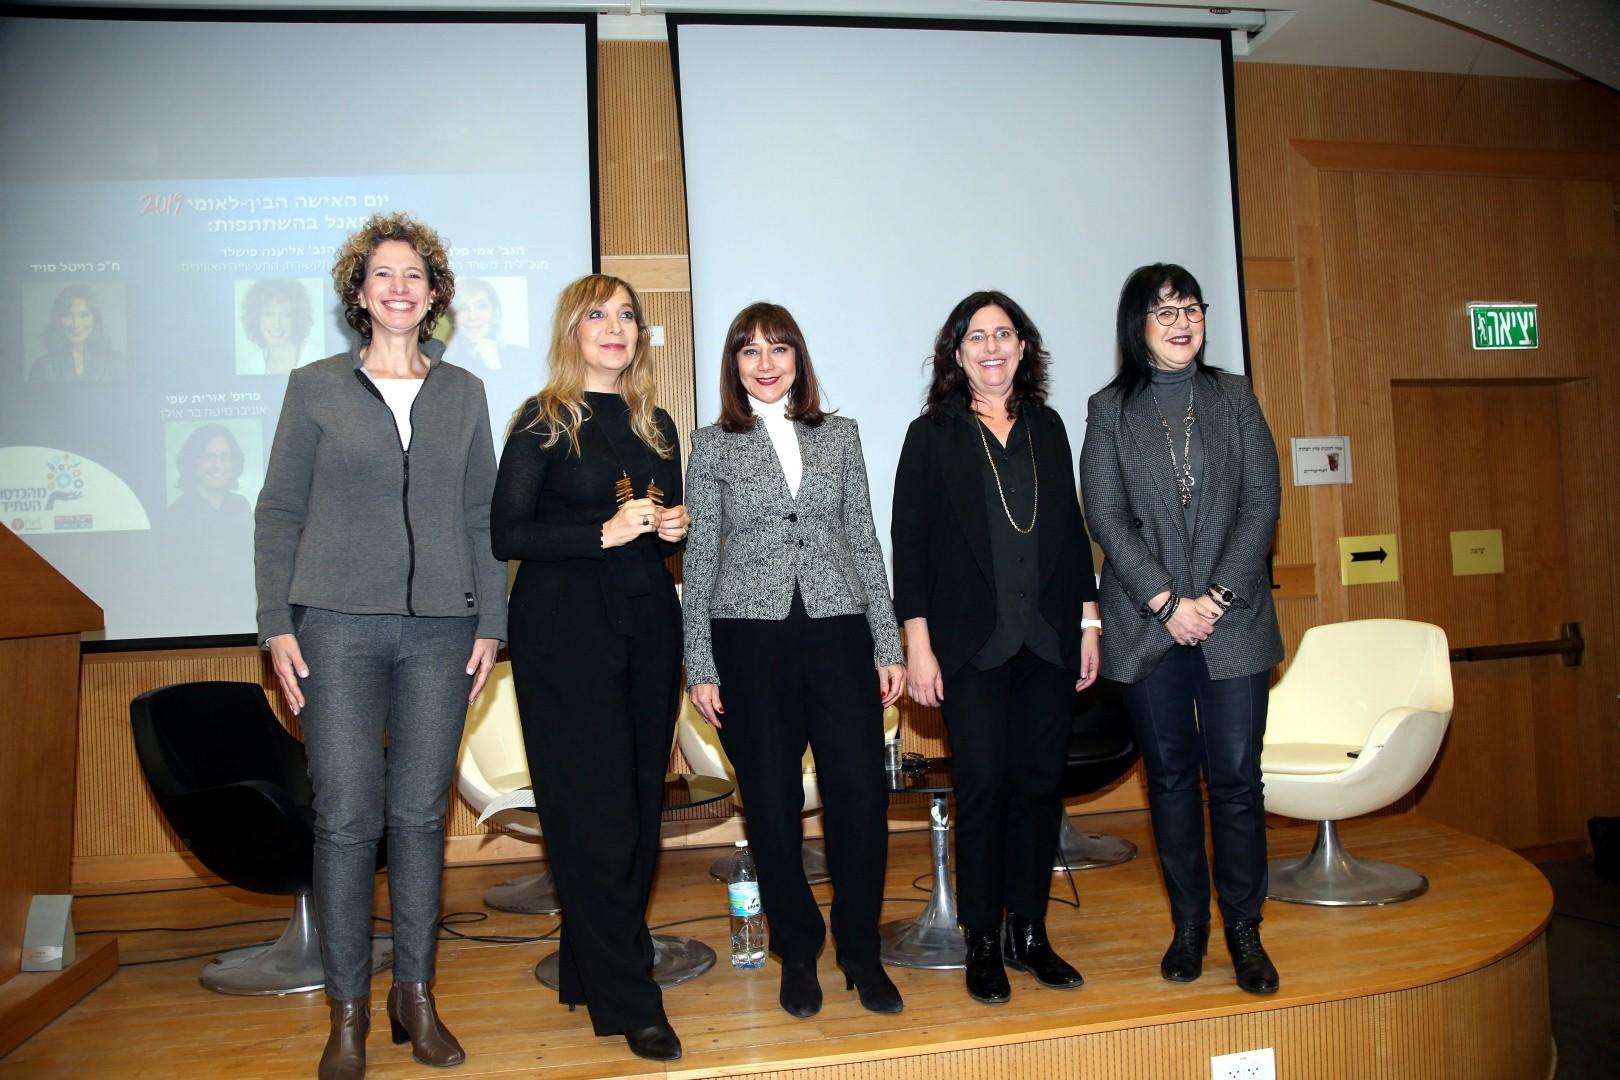 """נשים למען נשים (מימין) אורלי ארזה, פרופסור אורית שפי, ח""""כ רויטל סוויד, אמי פלמור ואליענה פישלר,  (צילום: יריב כץ)"""